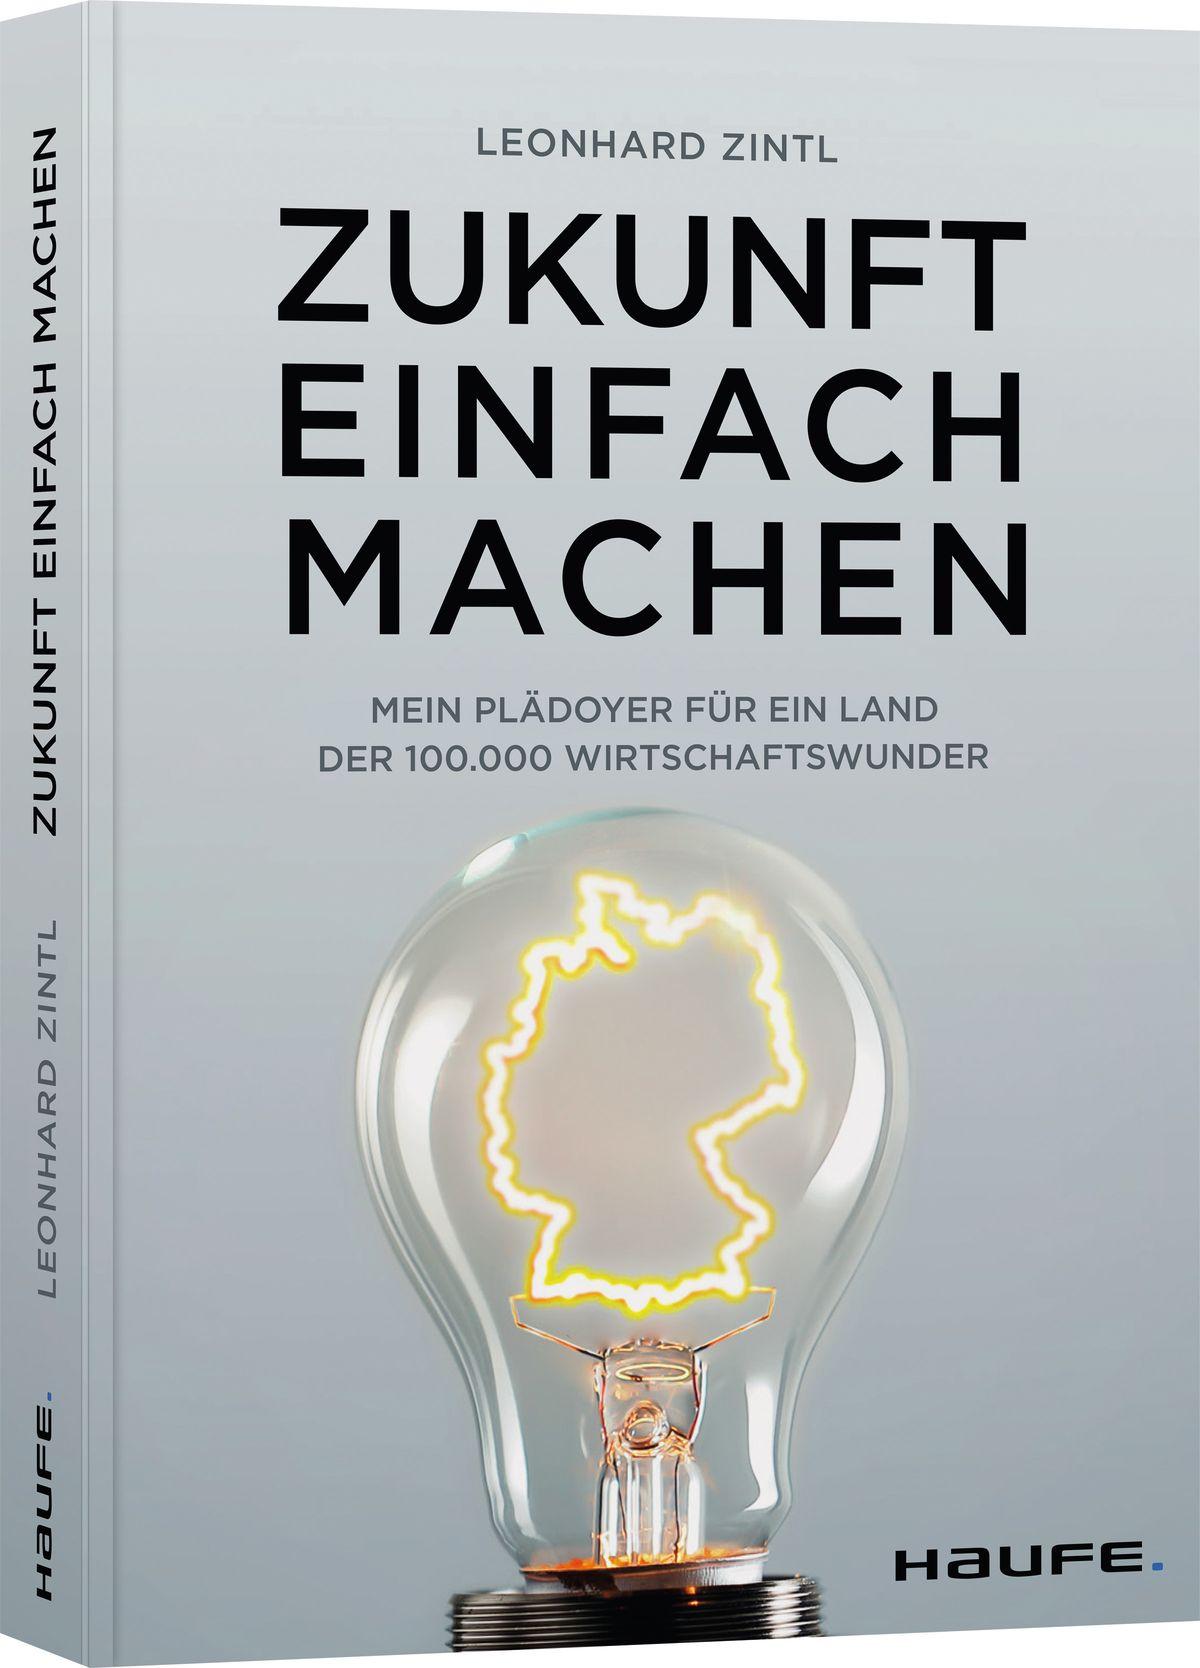 Zukunft einfach machen - Leonhard Zintl